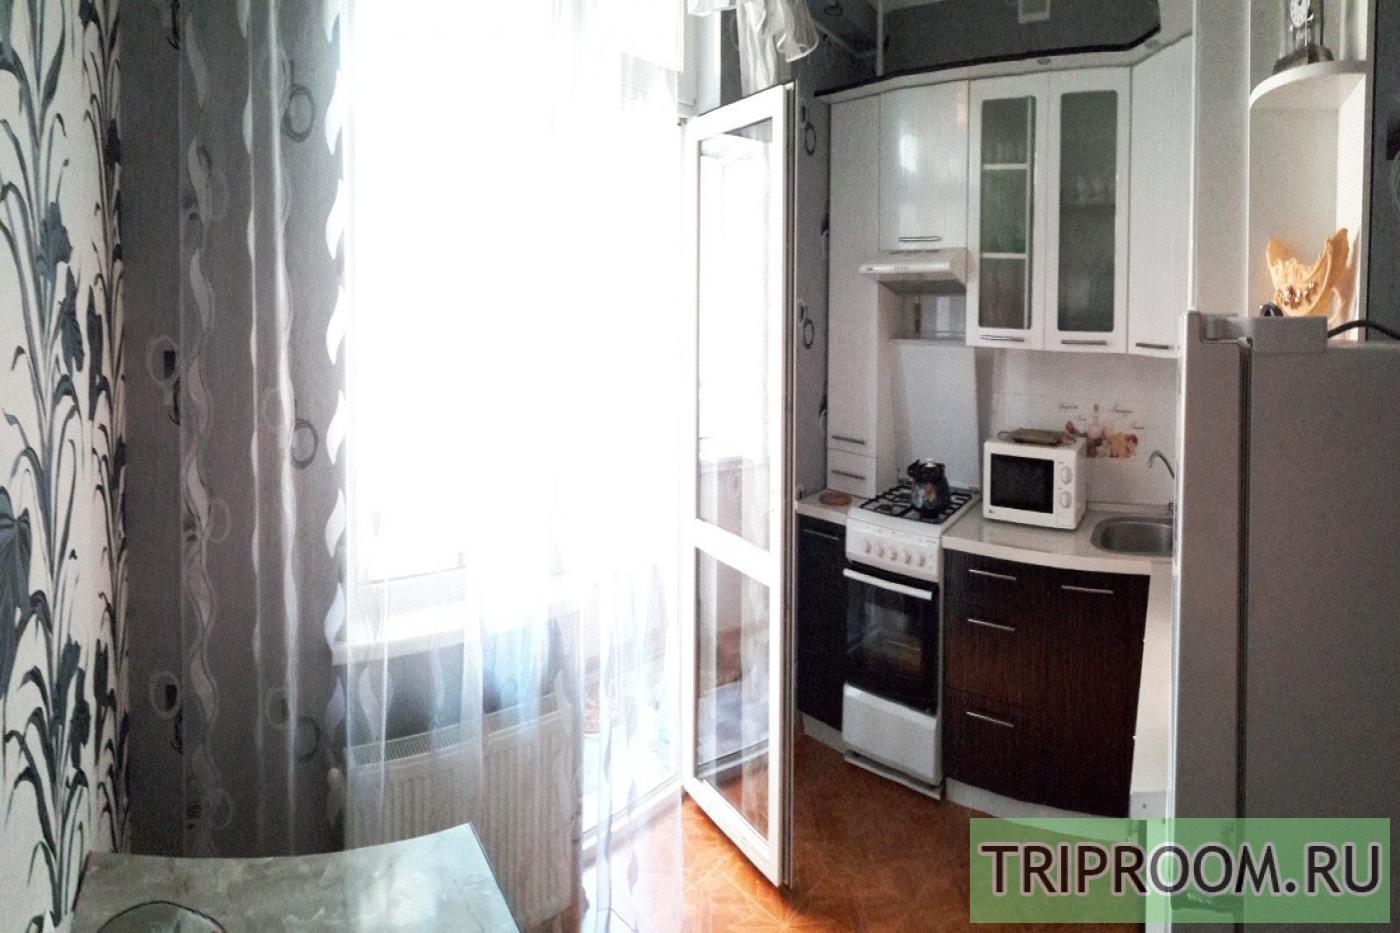 1-комнатная квартира посуточно (вариант № 1359), ул. Античный проспект, фото № 2